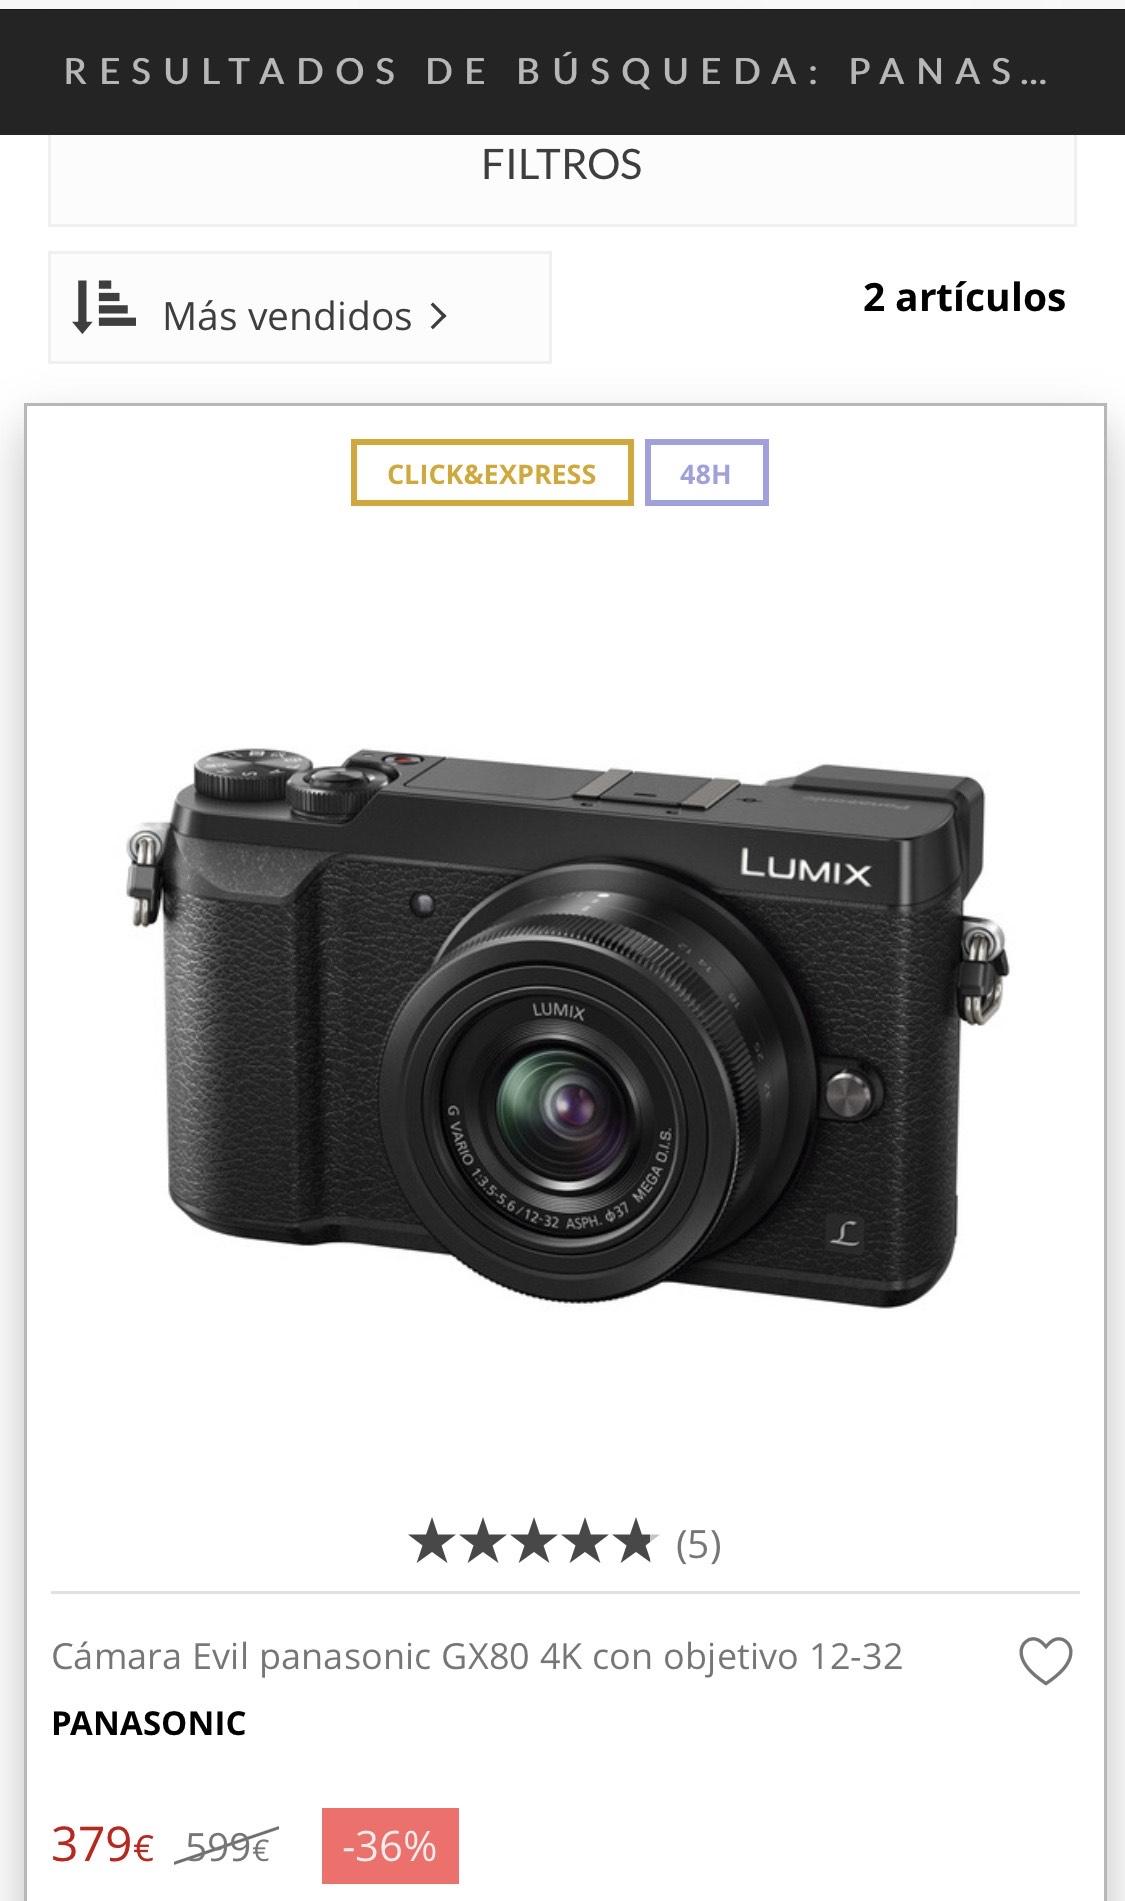 Panasonic Lumix GX-80